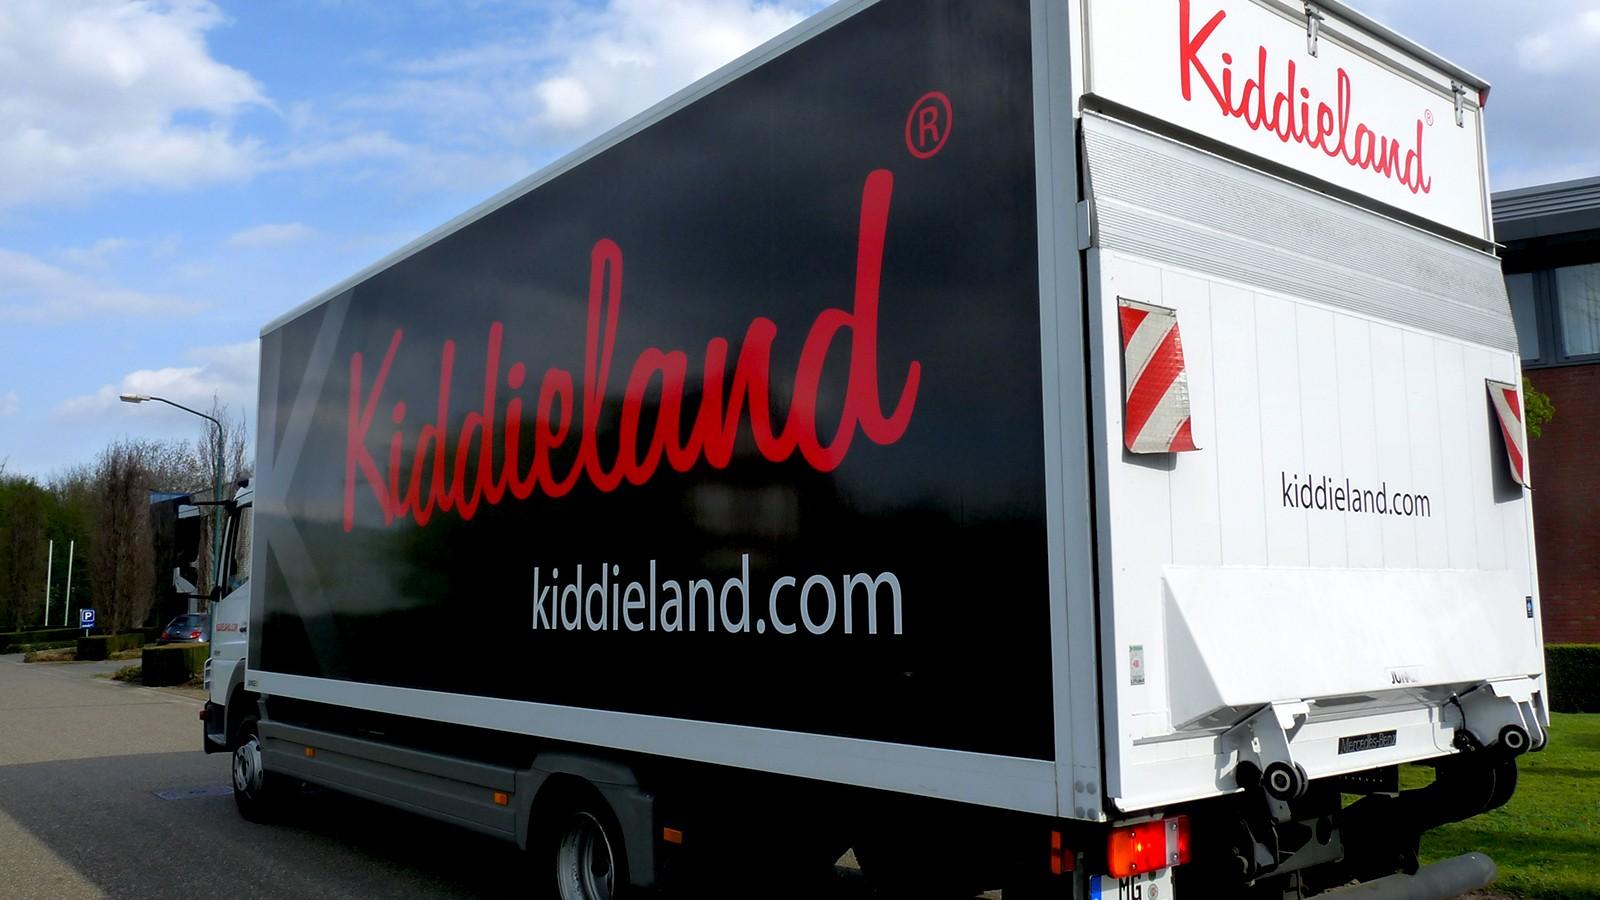 Vrachtwagen Kiddieland